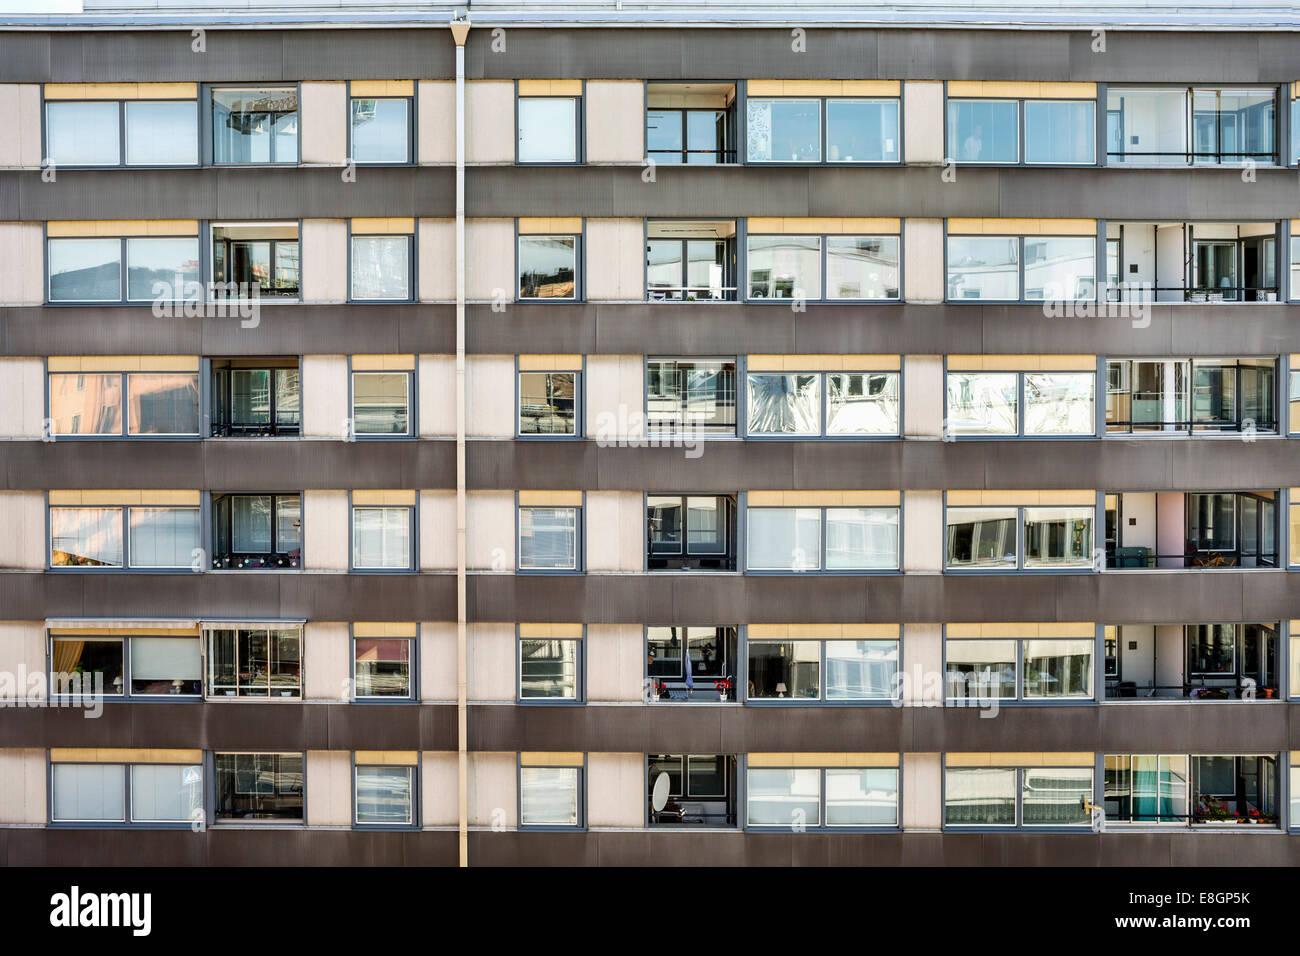 Full frame shot of residential building - Stock Image